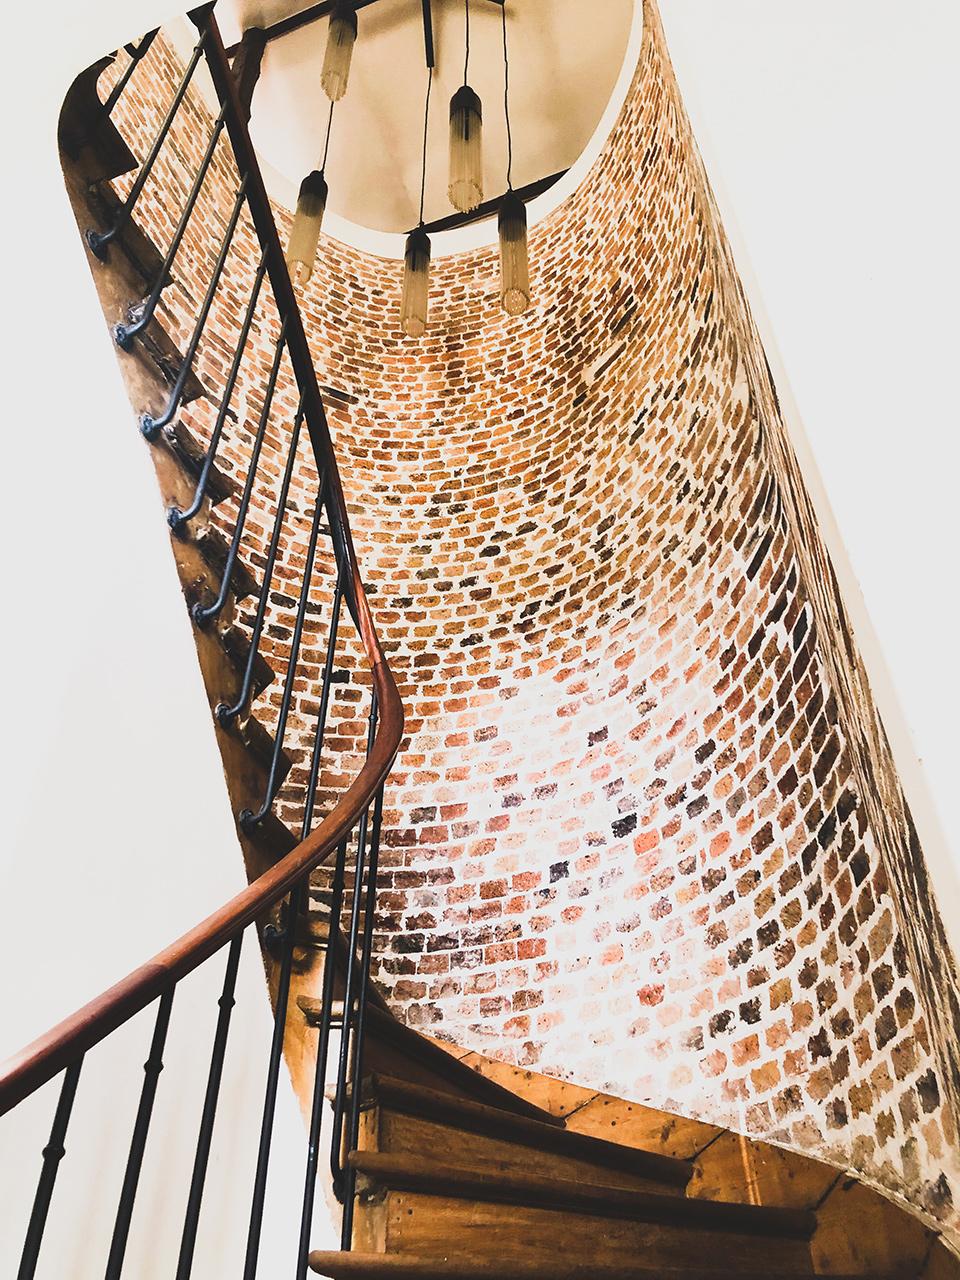 Escaliers - Loft Charonne